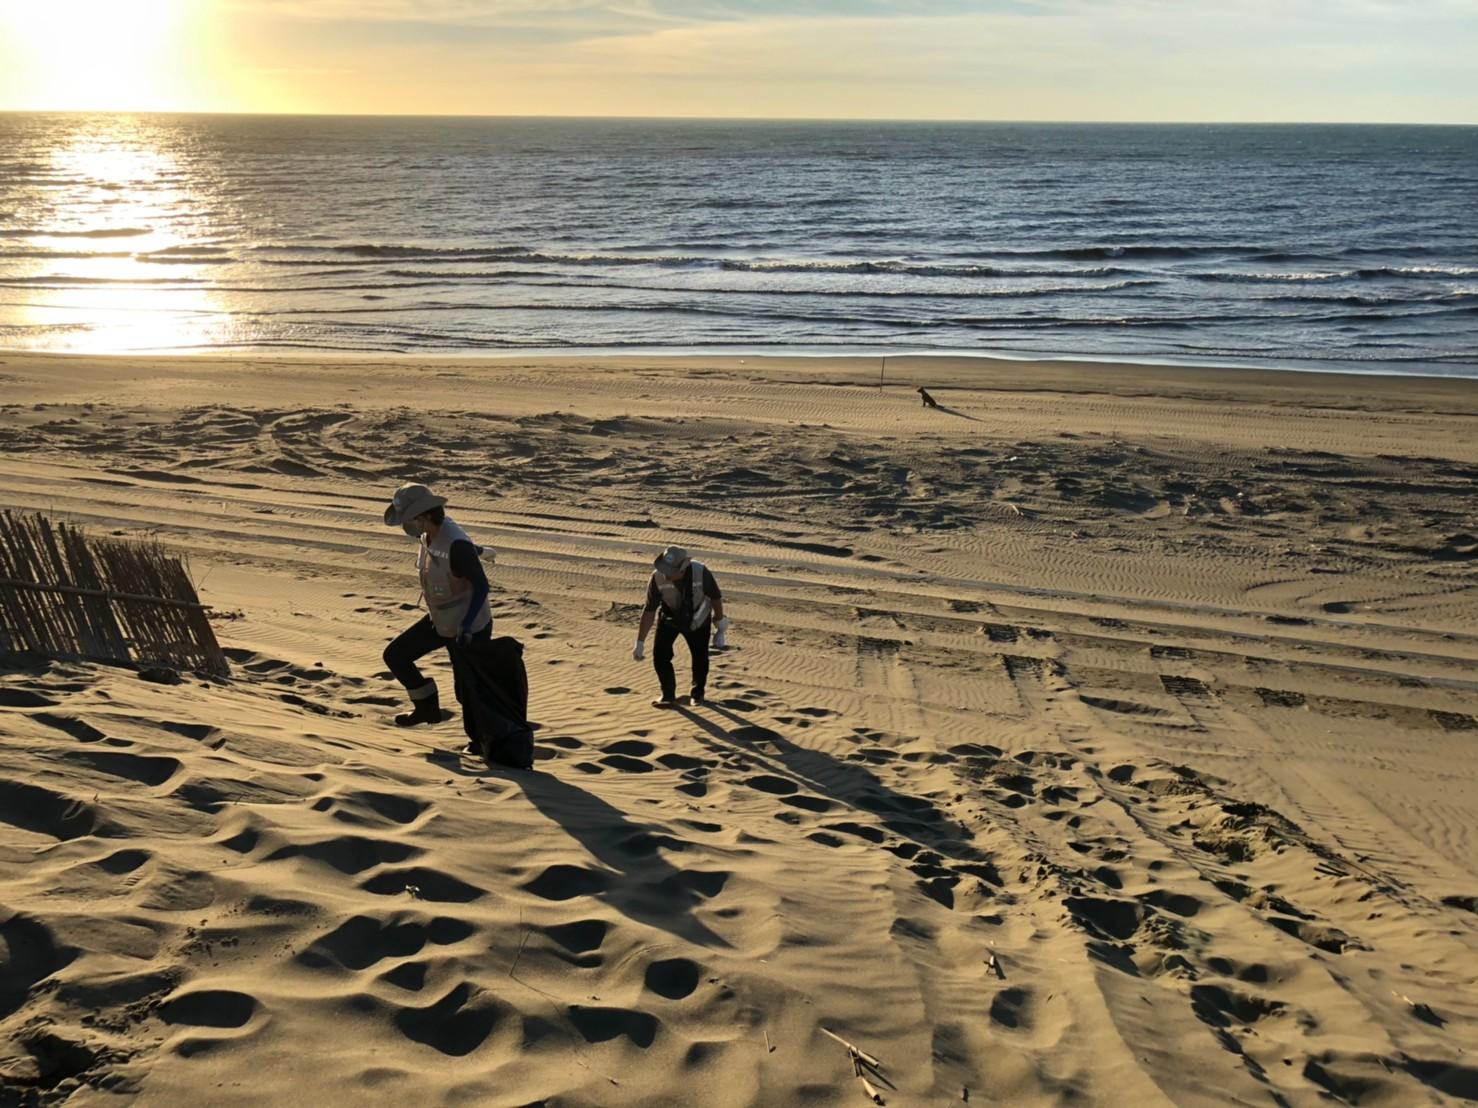 夕陽下清理草漯沙丘上垃圾的身影